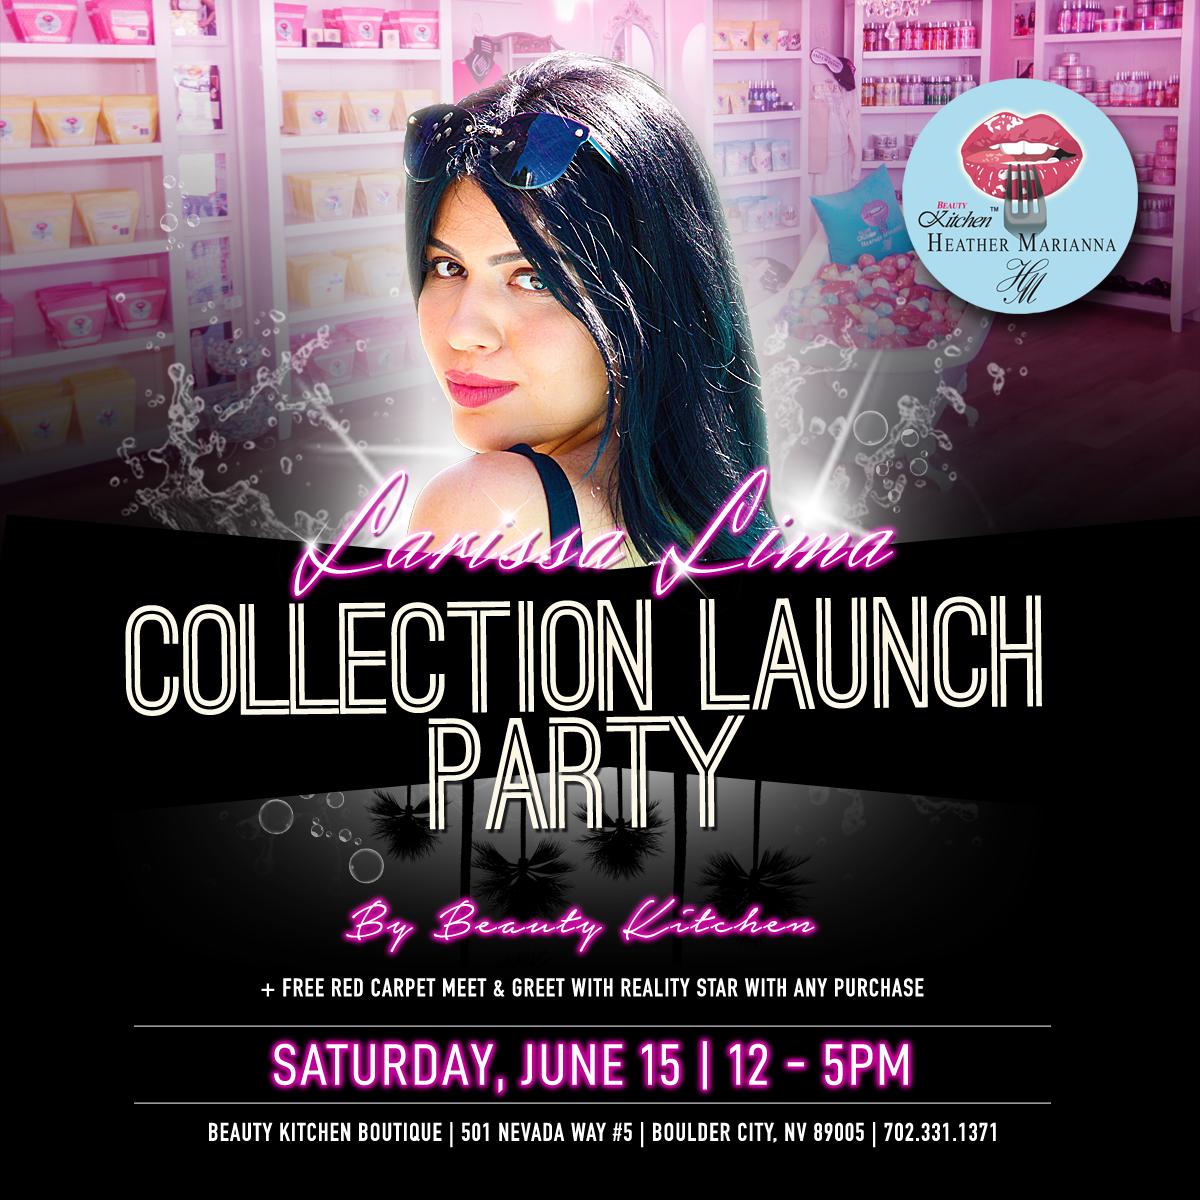 Beauty Kitchen Event Boulder City, NV